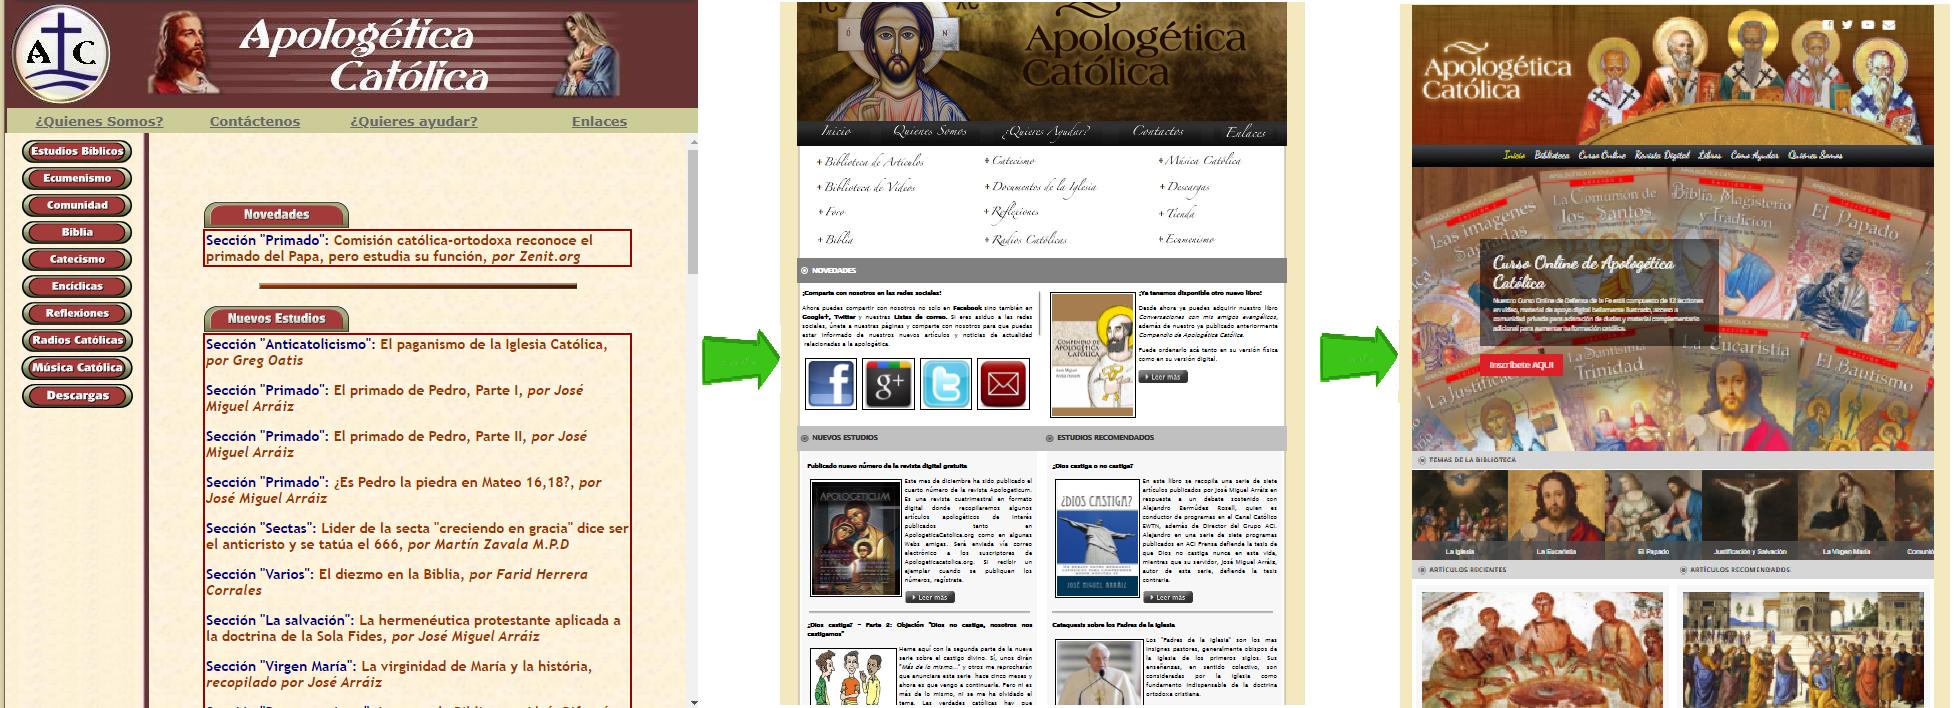 Evolución de ApologeticaCatolica.org